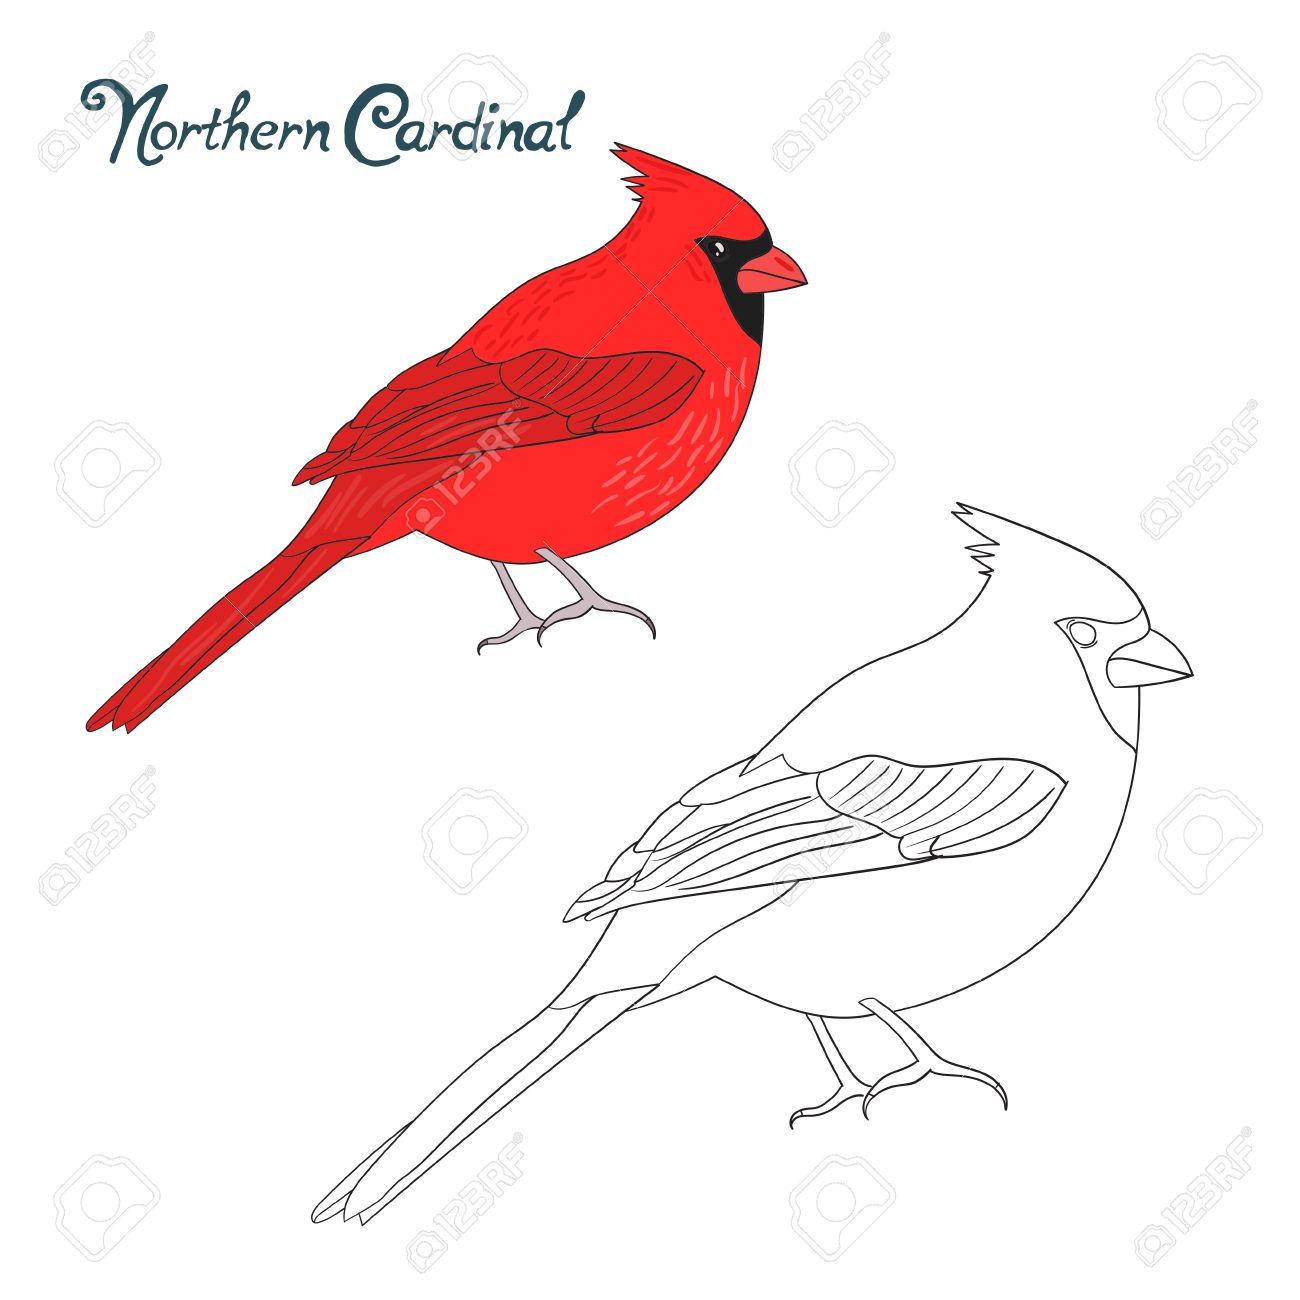 1300x1300 Educational Game Coloring Book Northern Cardinal Bird Cartoon